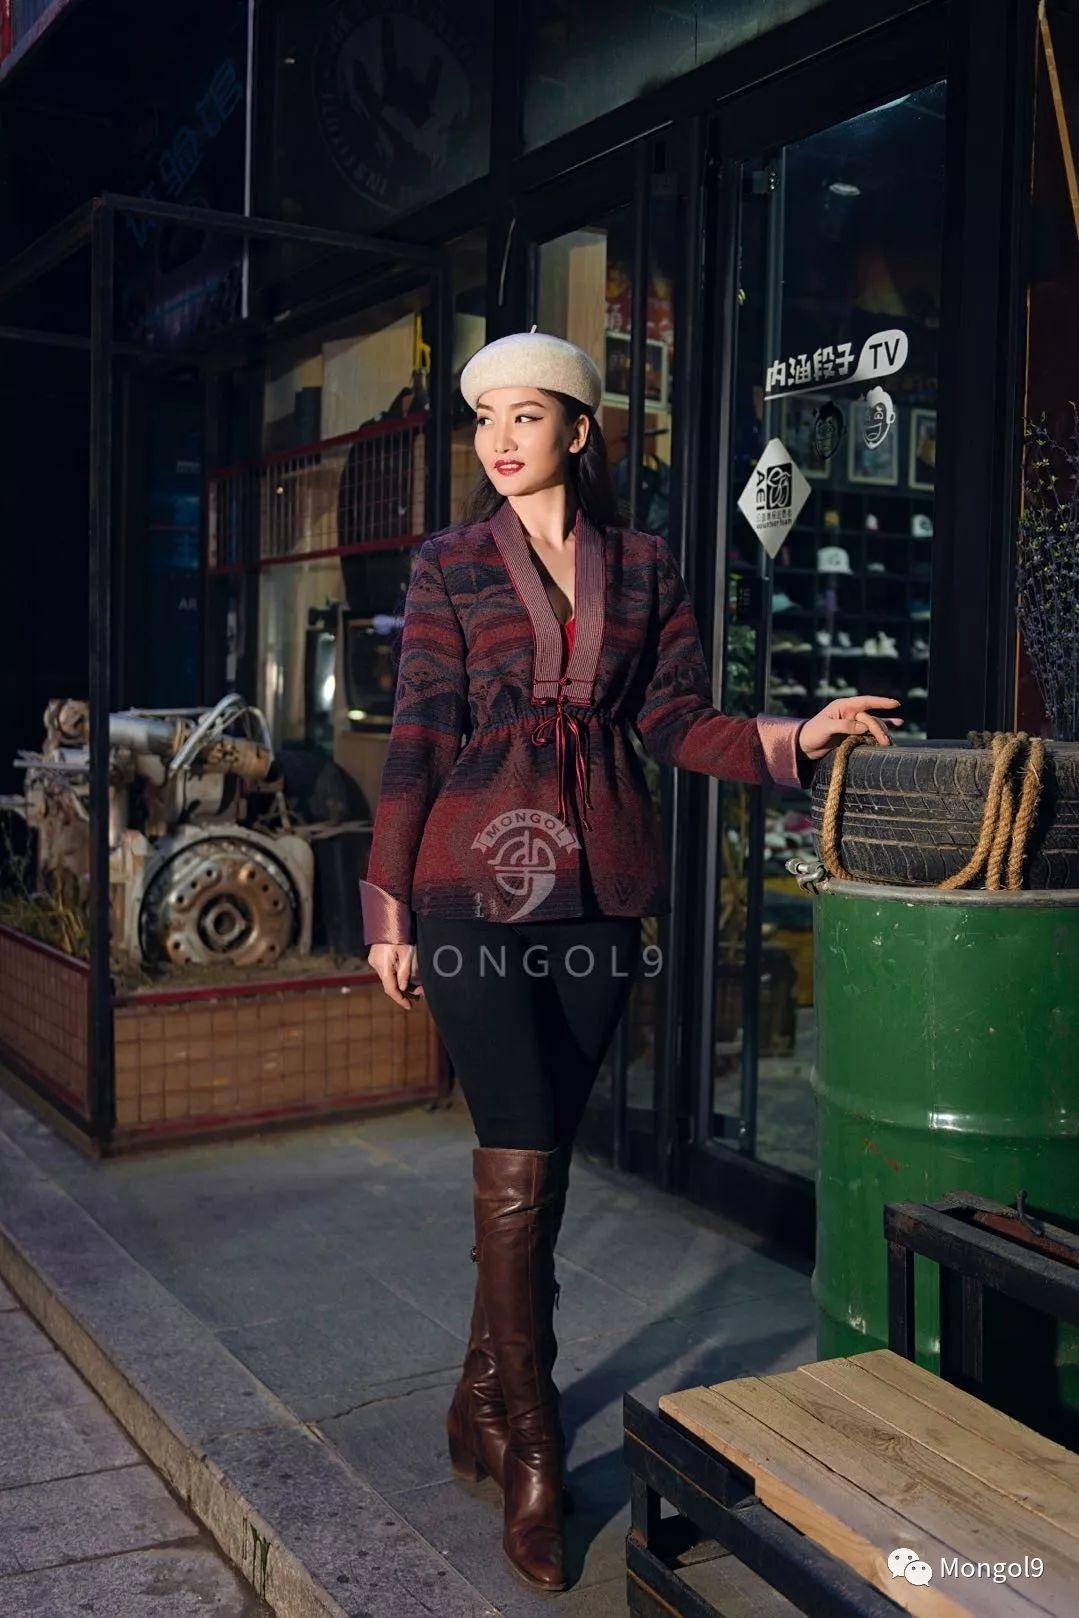 为我的蒙古闺蜜们而设计 第6张 为我的蒙古闺蜜们而设计 蒙古服饰